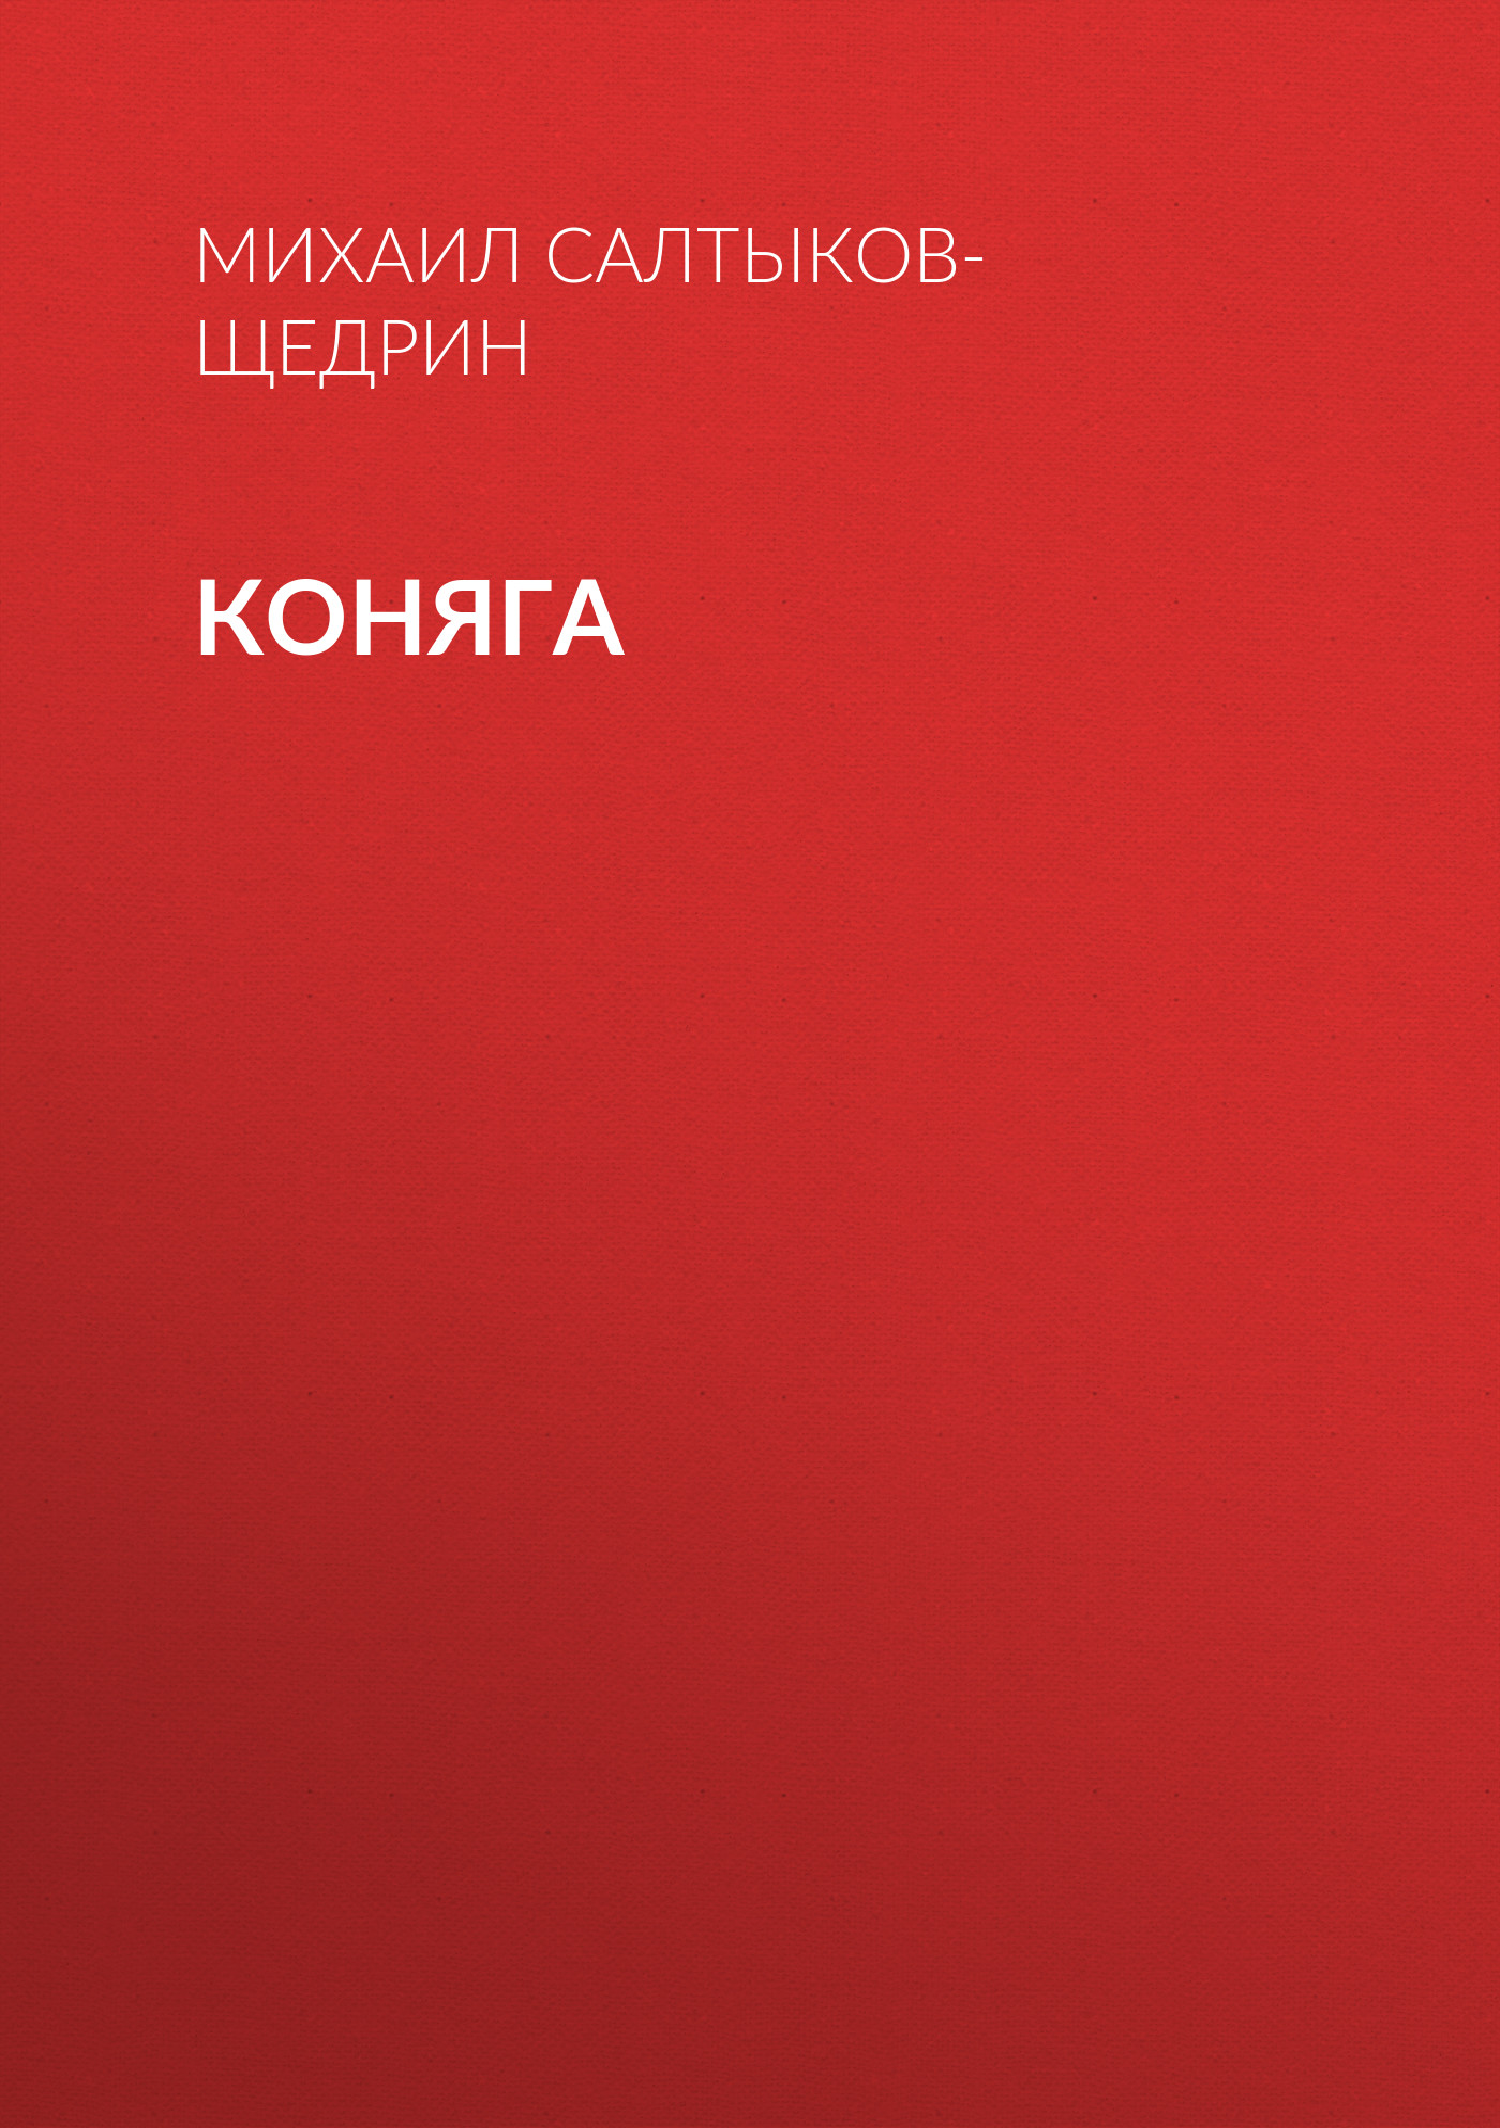 Михаил Салтыков-Щедрин Коняга михаил салтыков щедрин смерть пазухина спектакль